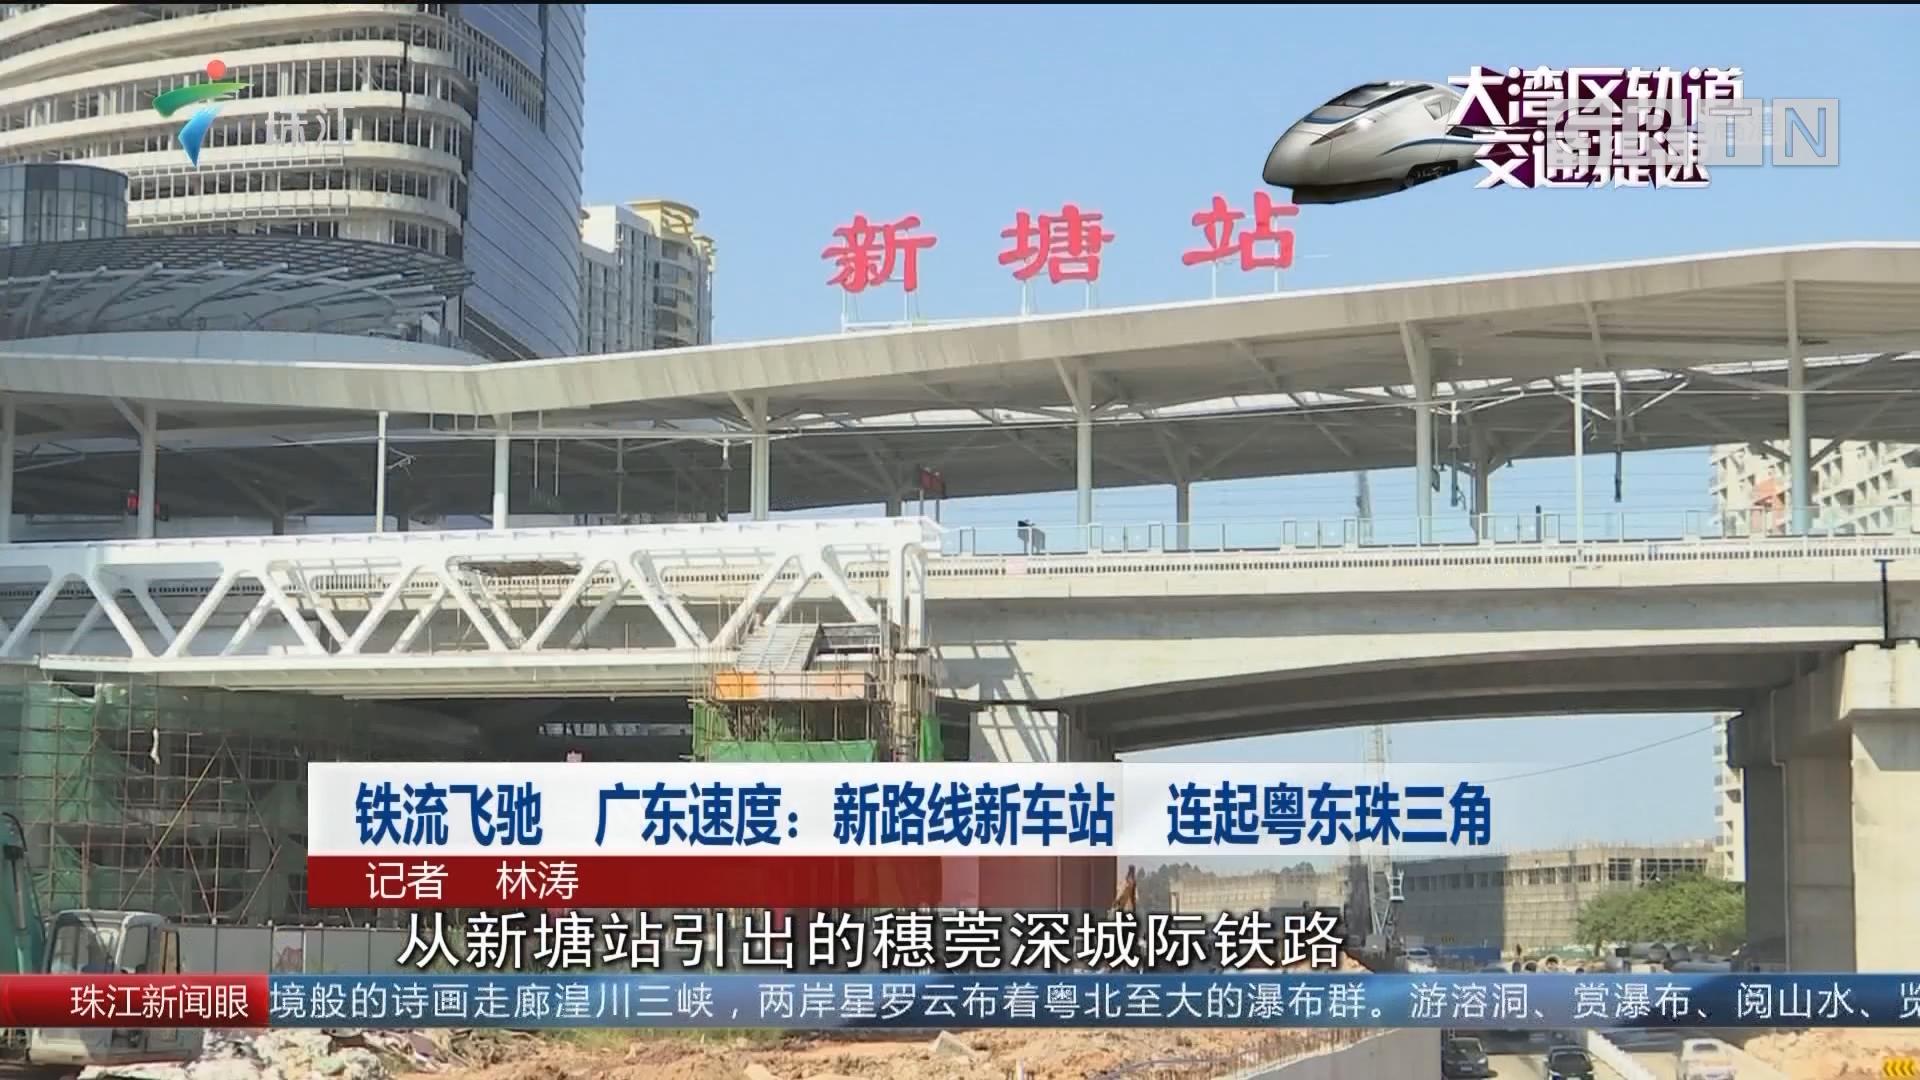 鐵流飛馳 廣東速度:新路線新車站 連起粵東珠三角